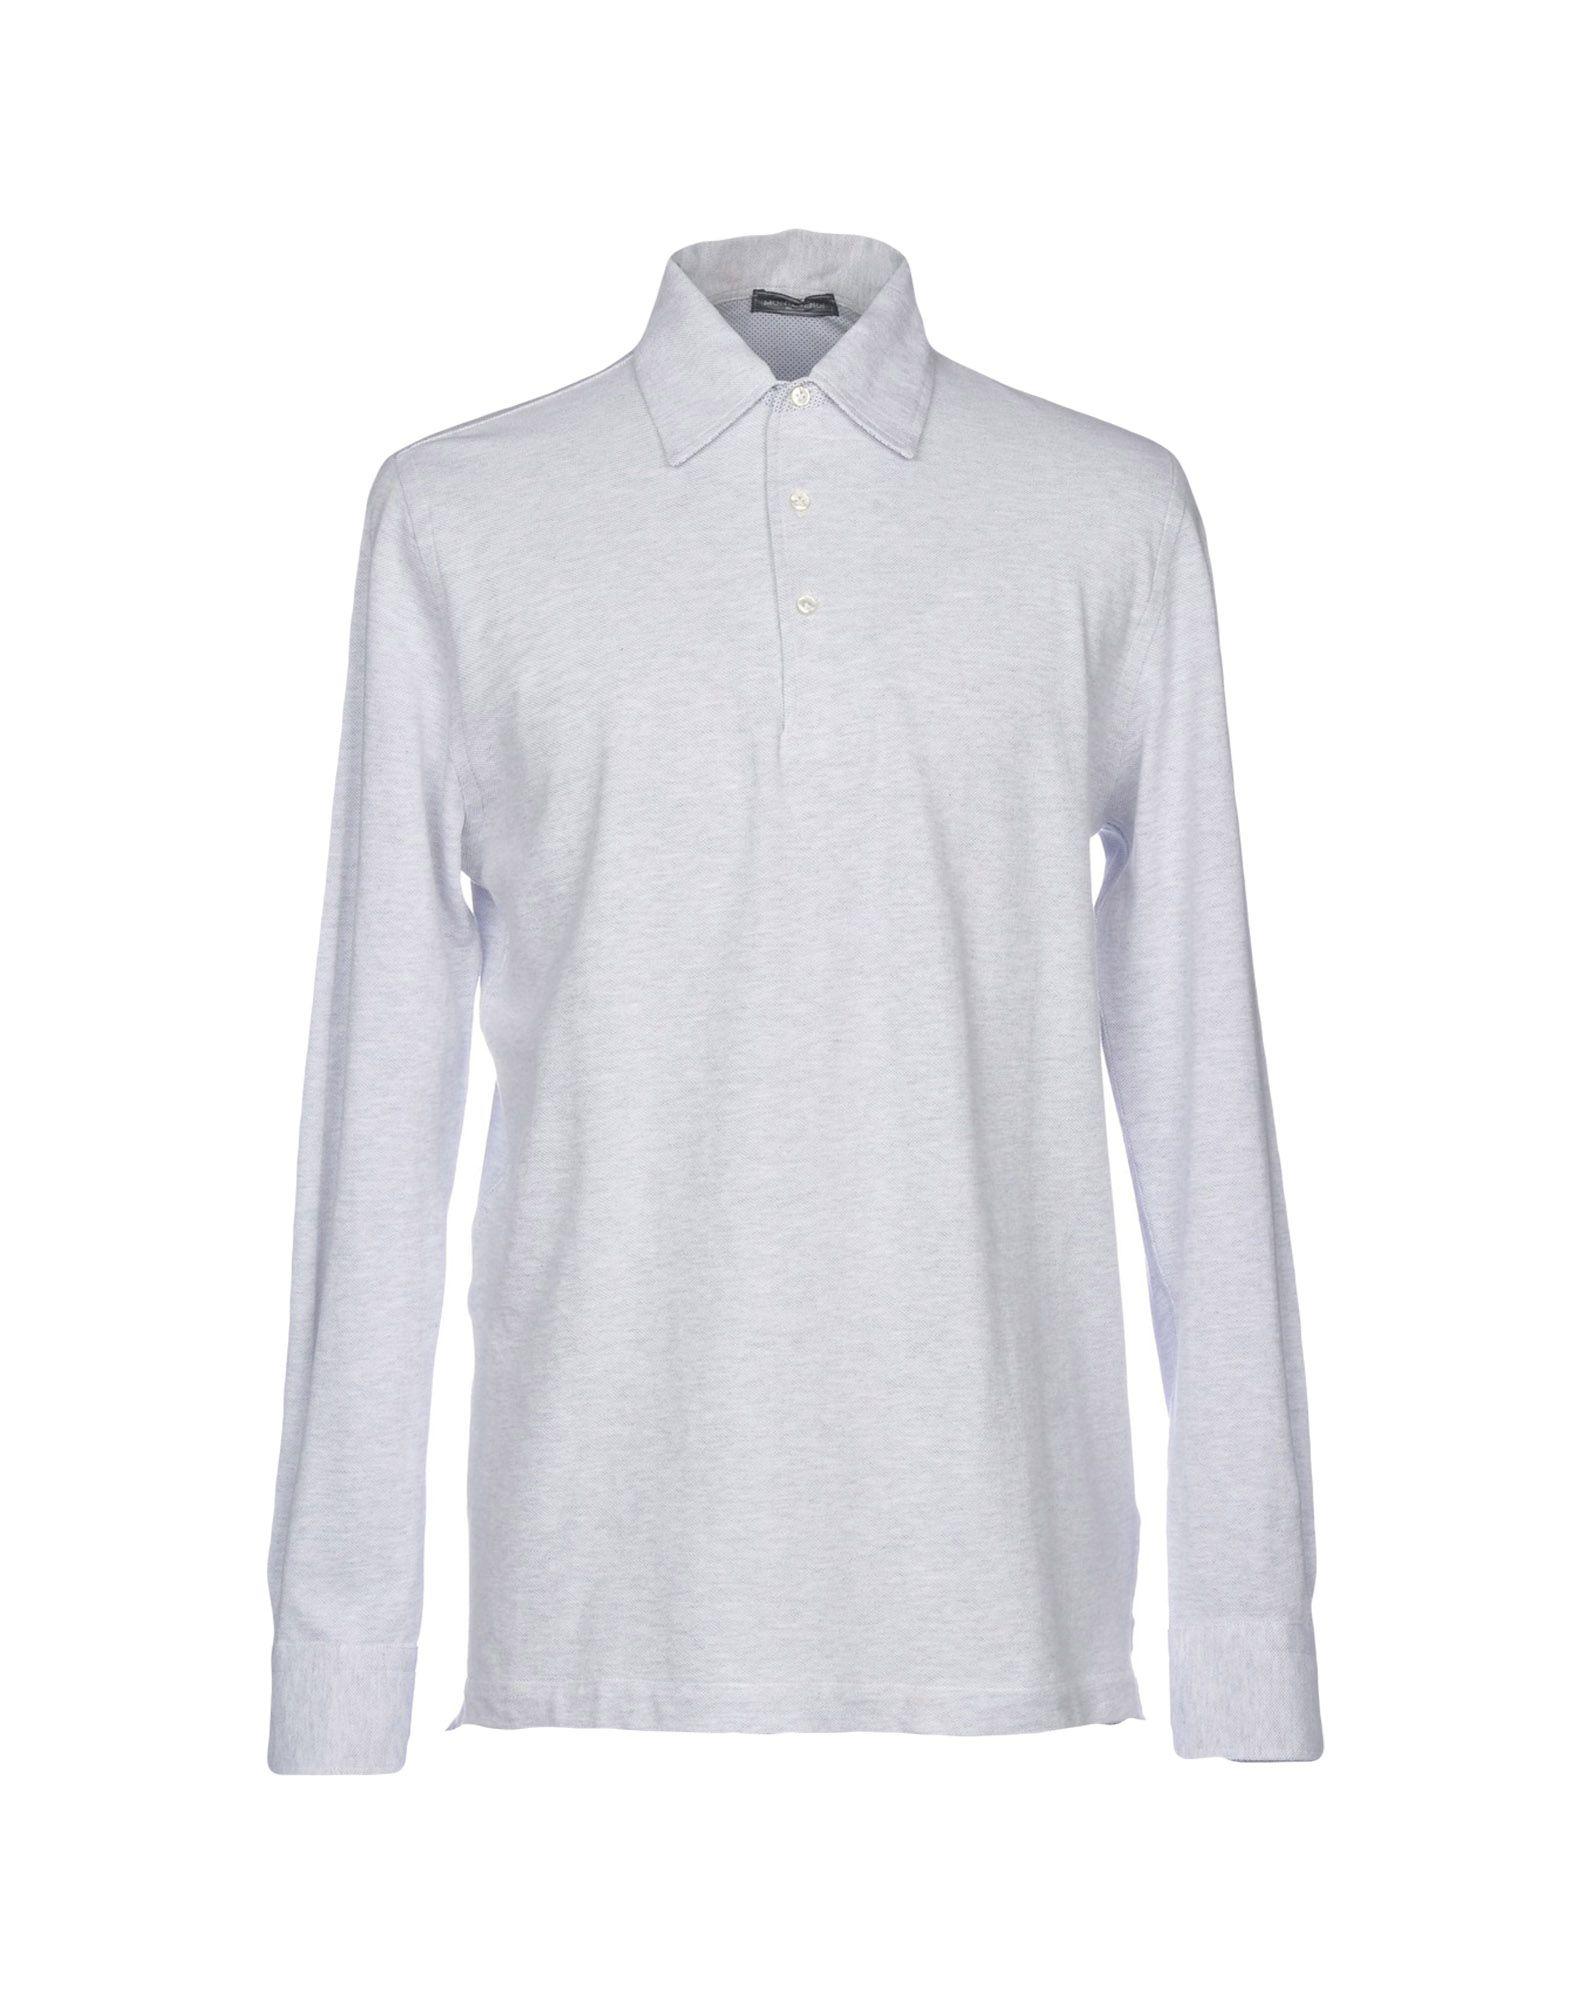 《送料無料》MONTEVERDI メンズ ポロシャツ ライトグレー 3XL コットン 100%